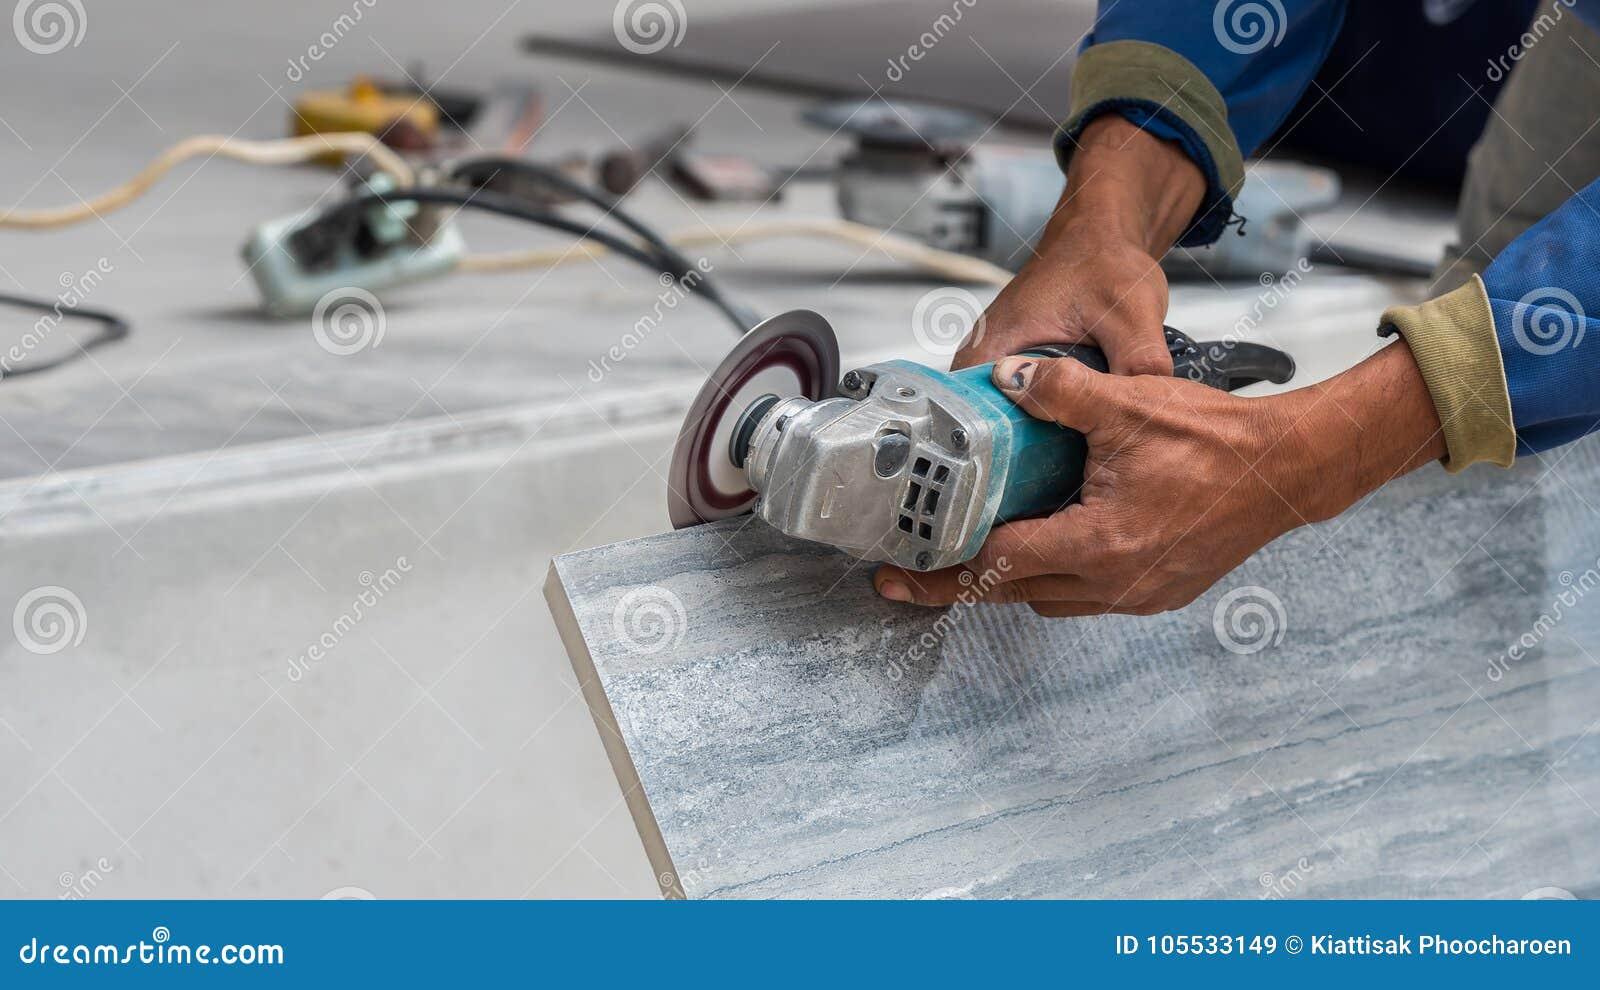 Tagliare piastrelle con smerigliatrice: l operaio taglia piastrelle